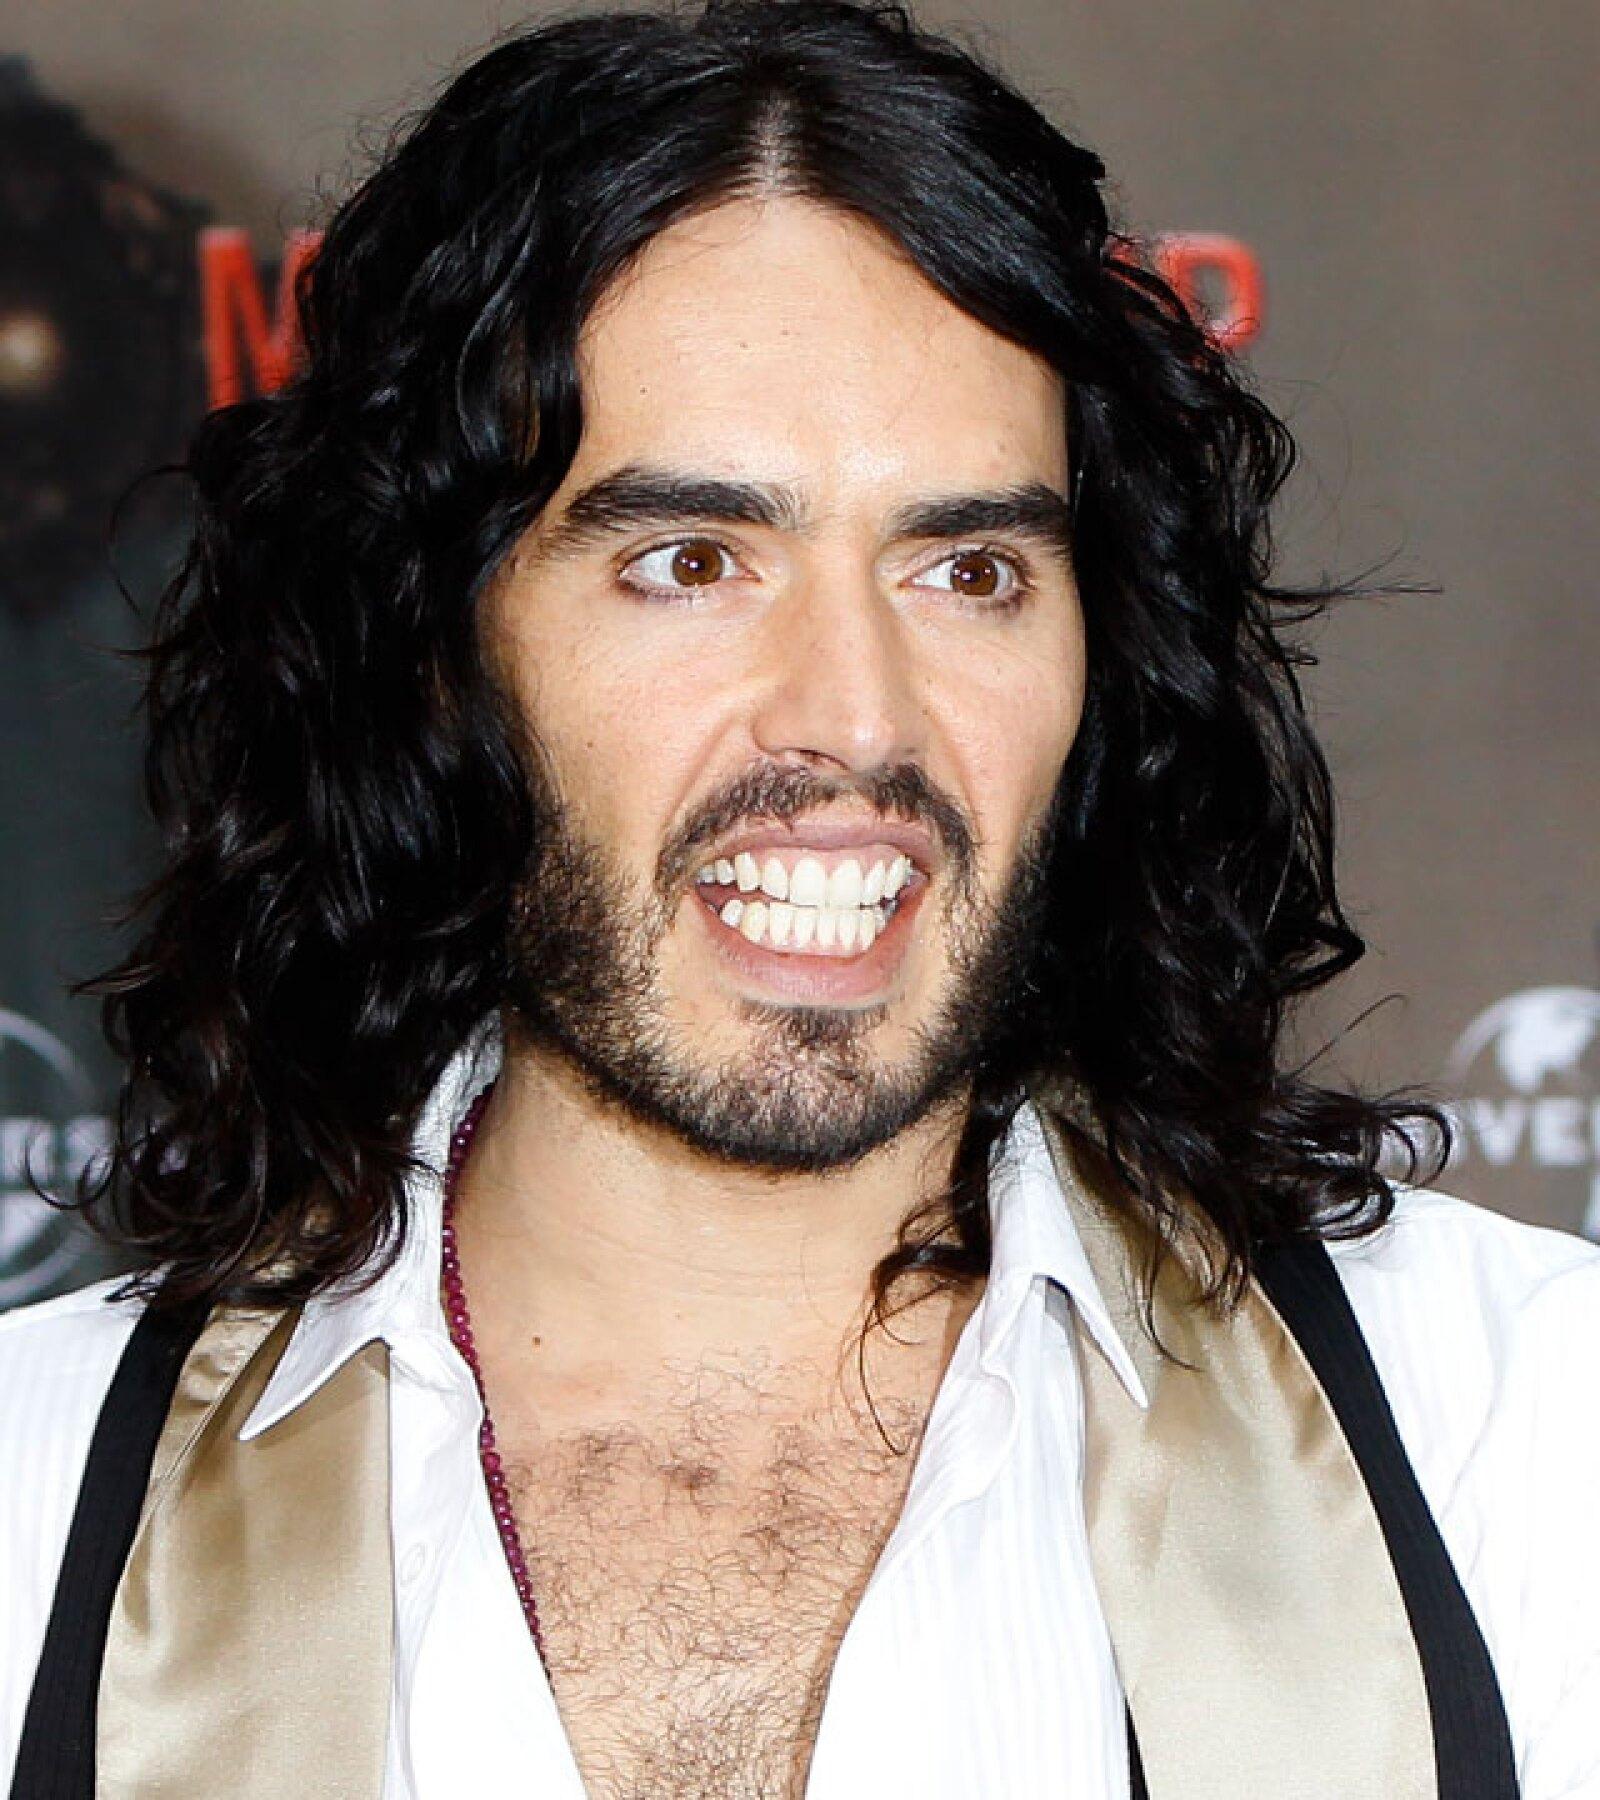 El ex de Katy Perry, Russell Brand resalta sus ojos chiquitos con un poquito de delineador.